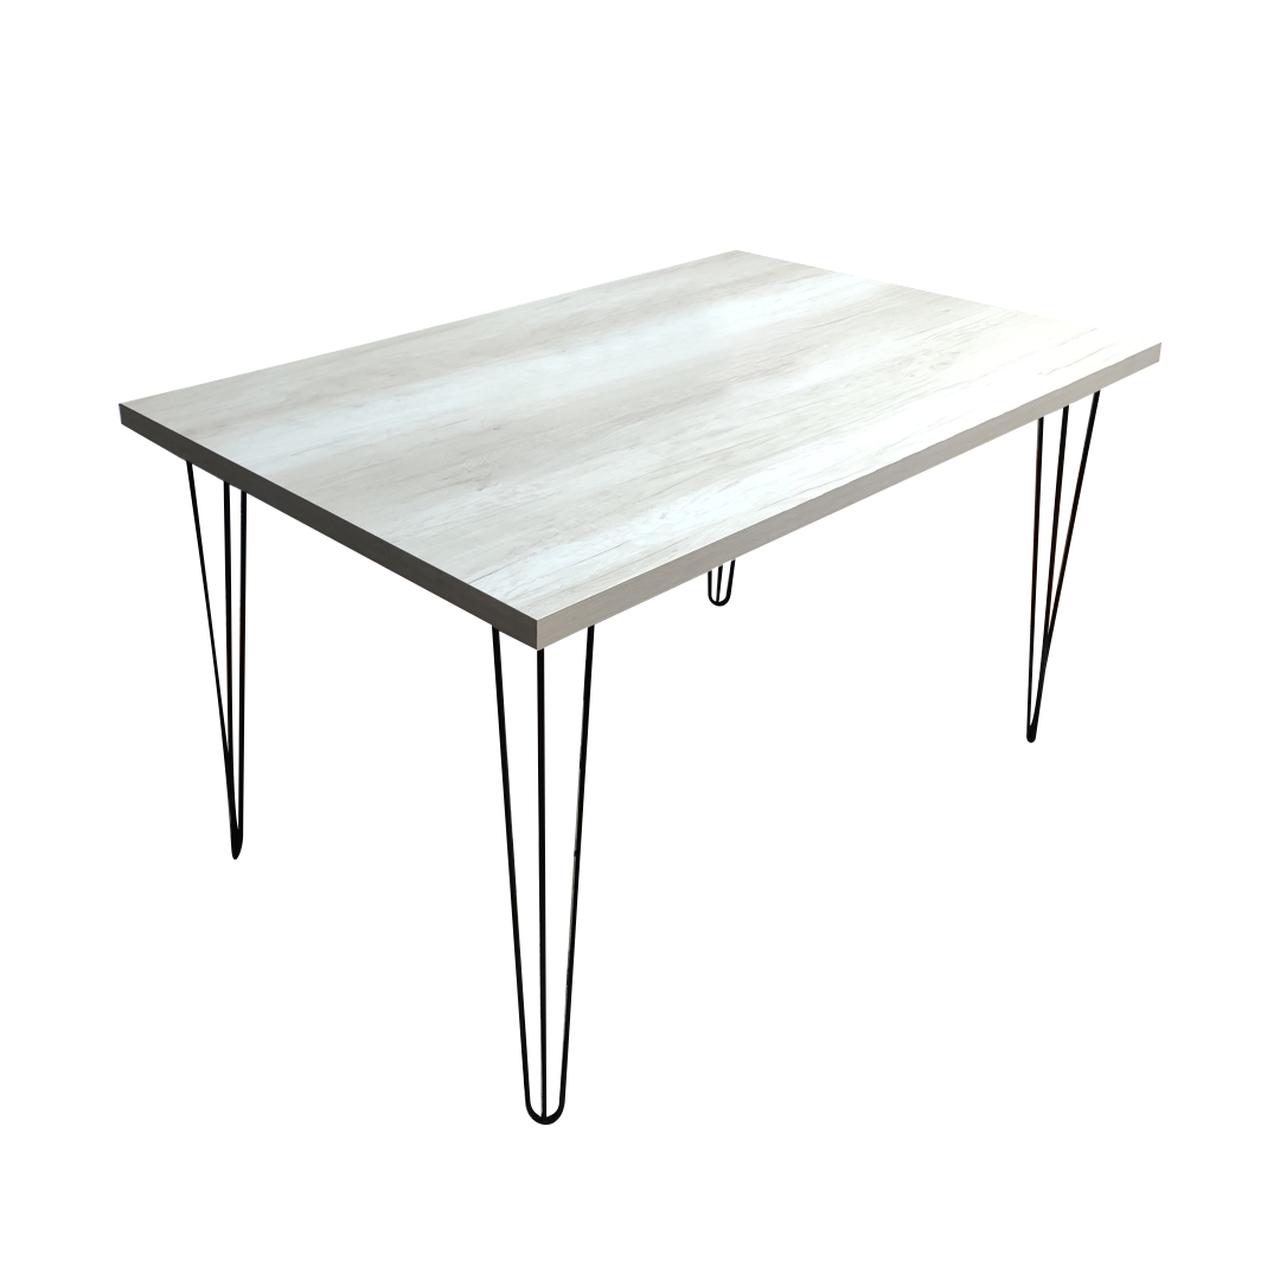 Mesa de Jantar Mezzo Bianco com Hairpin Legs e Tampo 100% MDF (Não acompanham cadeiras)